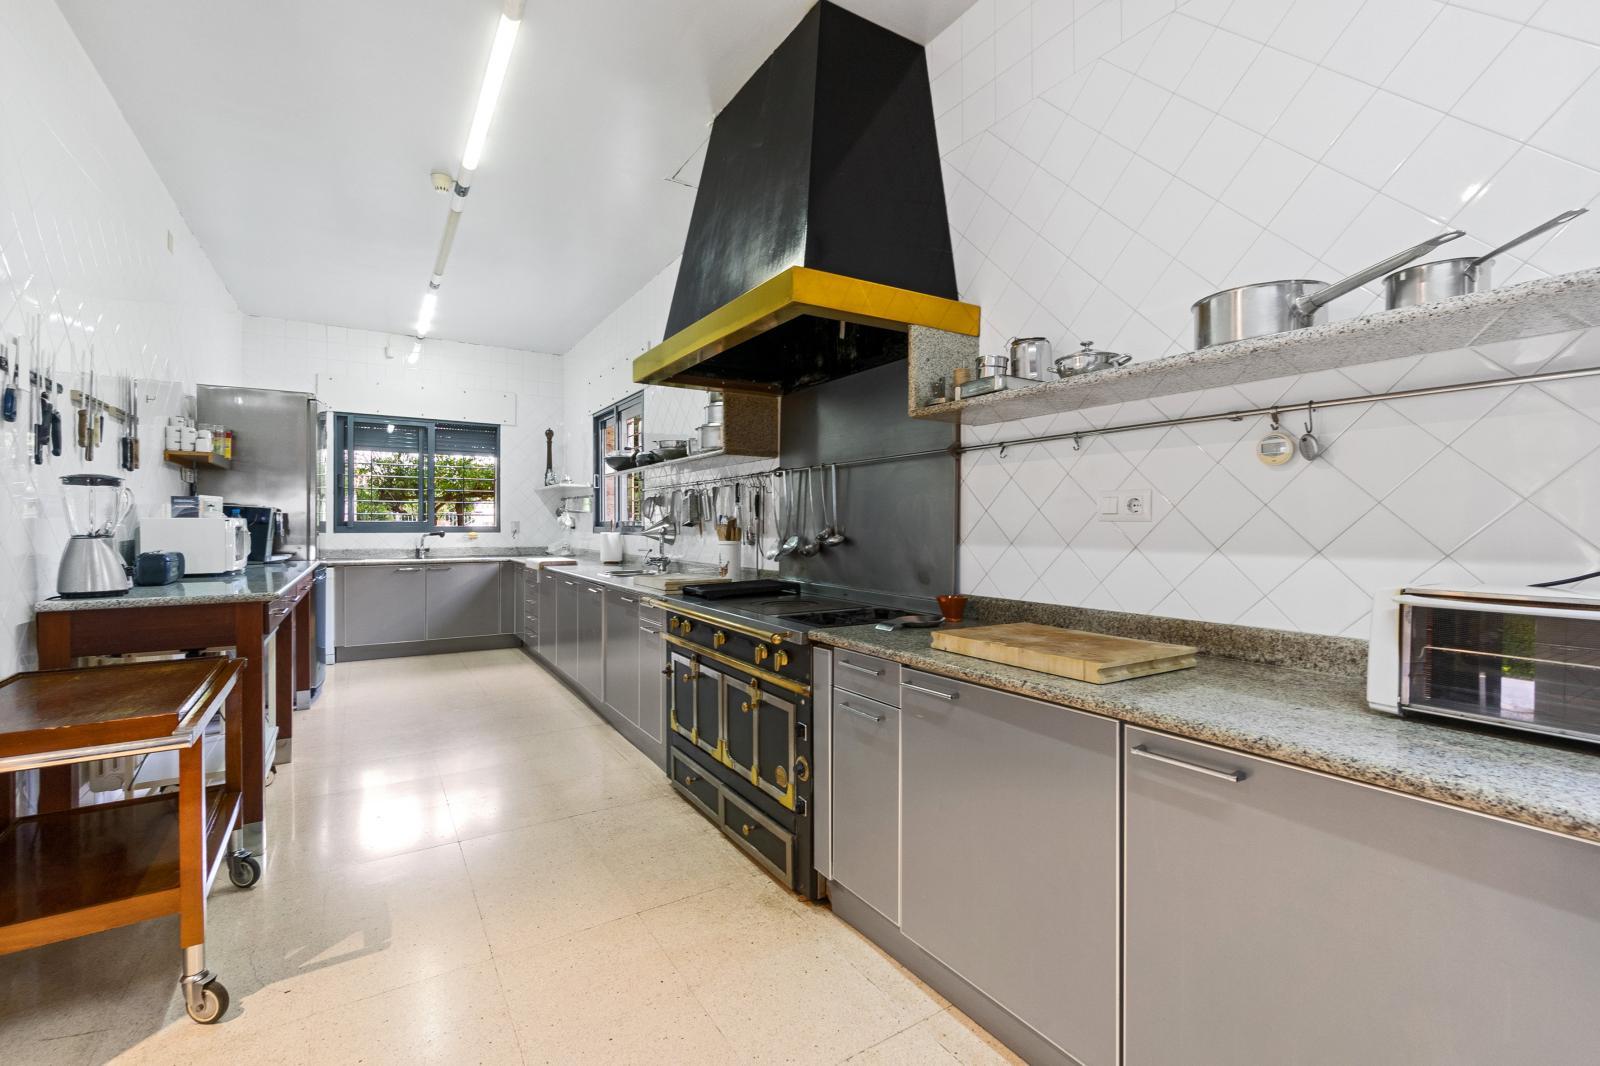 64977240 3223954 foto127967717 - Lujo, diseño y funcionalidad en esta villa en Campoamor (Alicante)